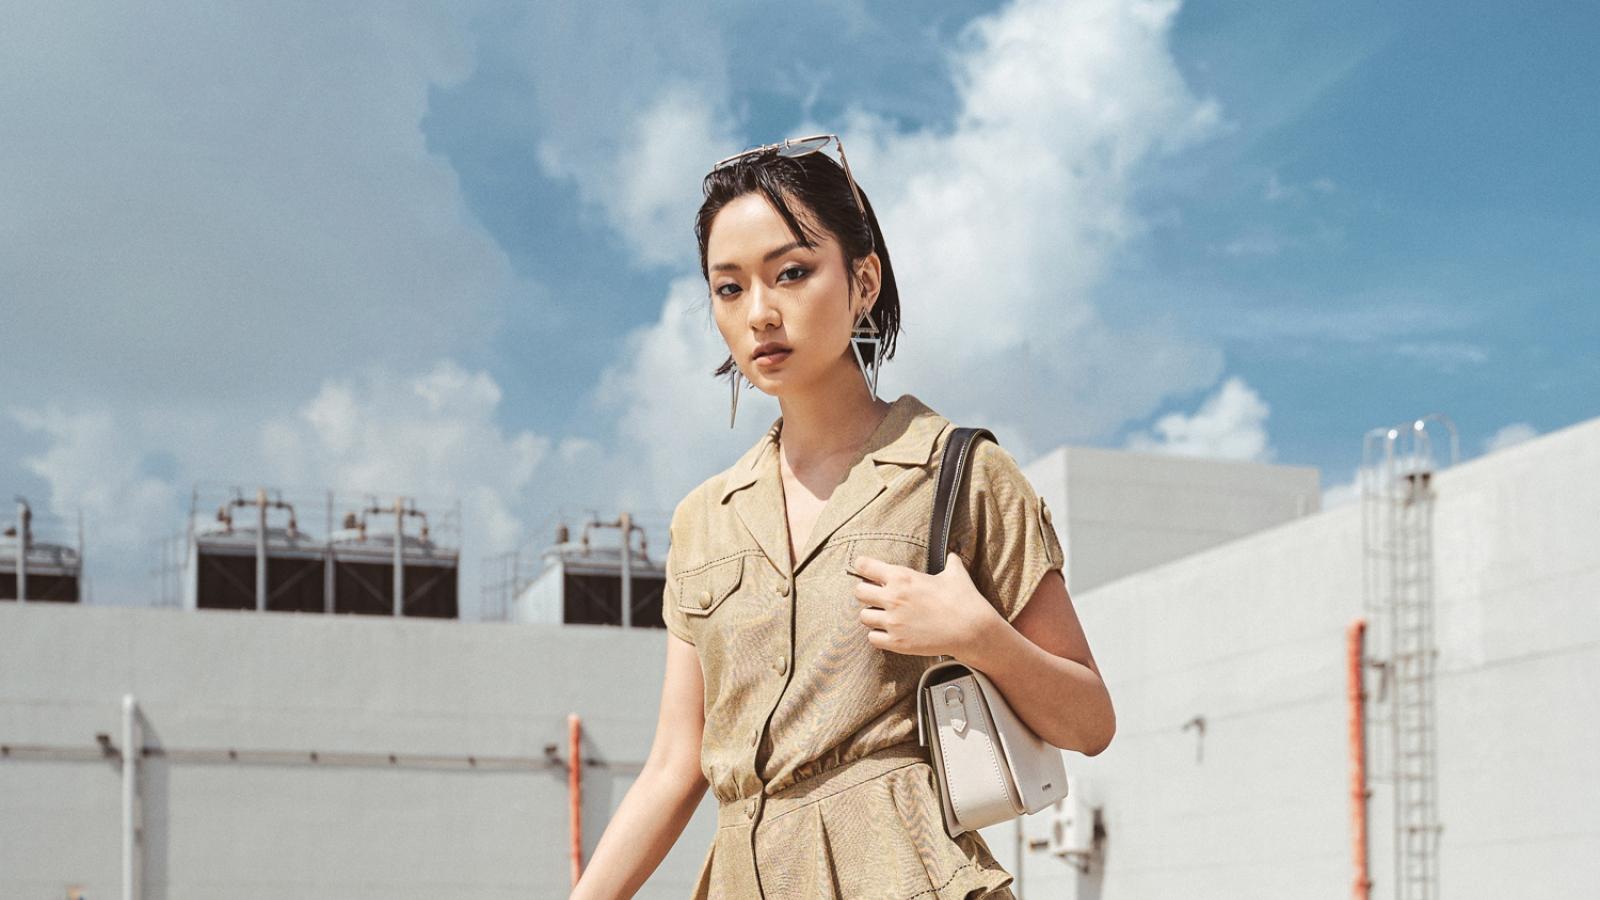 Nữ chính MV Sơn Tùng sành điệu trong trang phục lụa tơ tằm